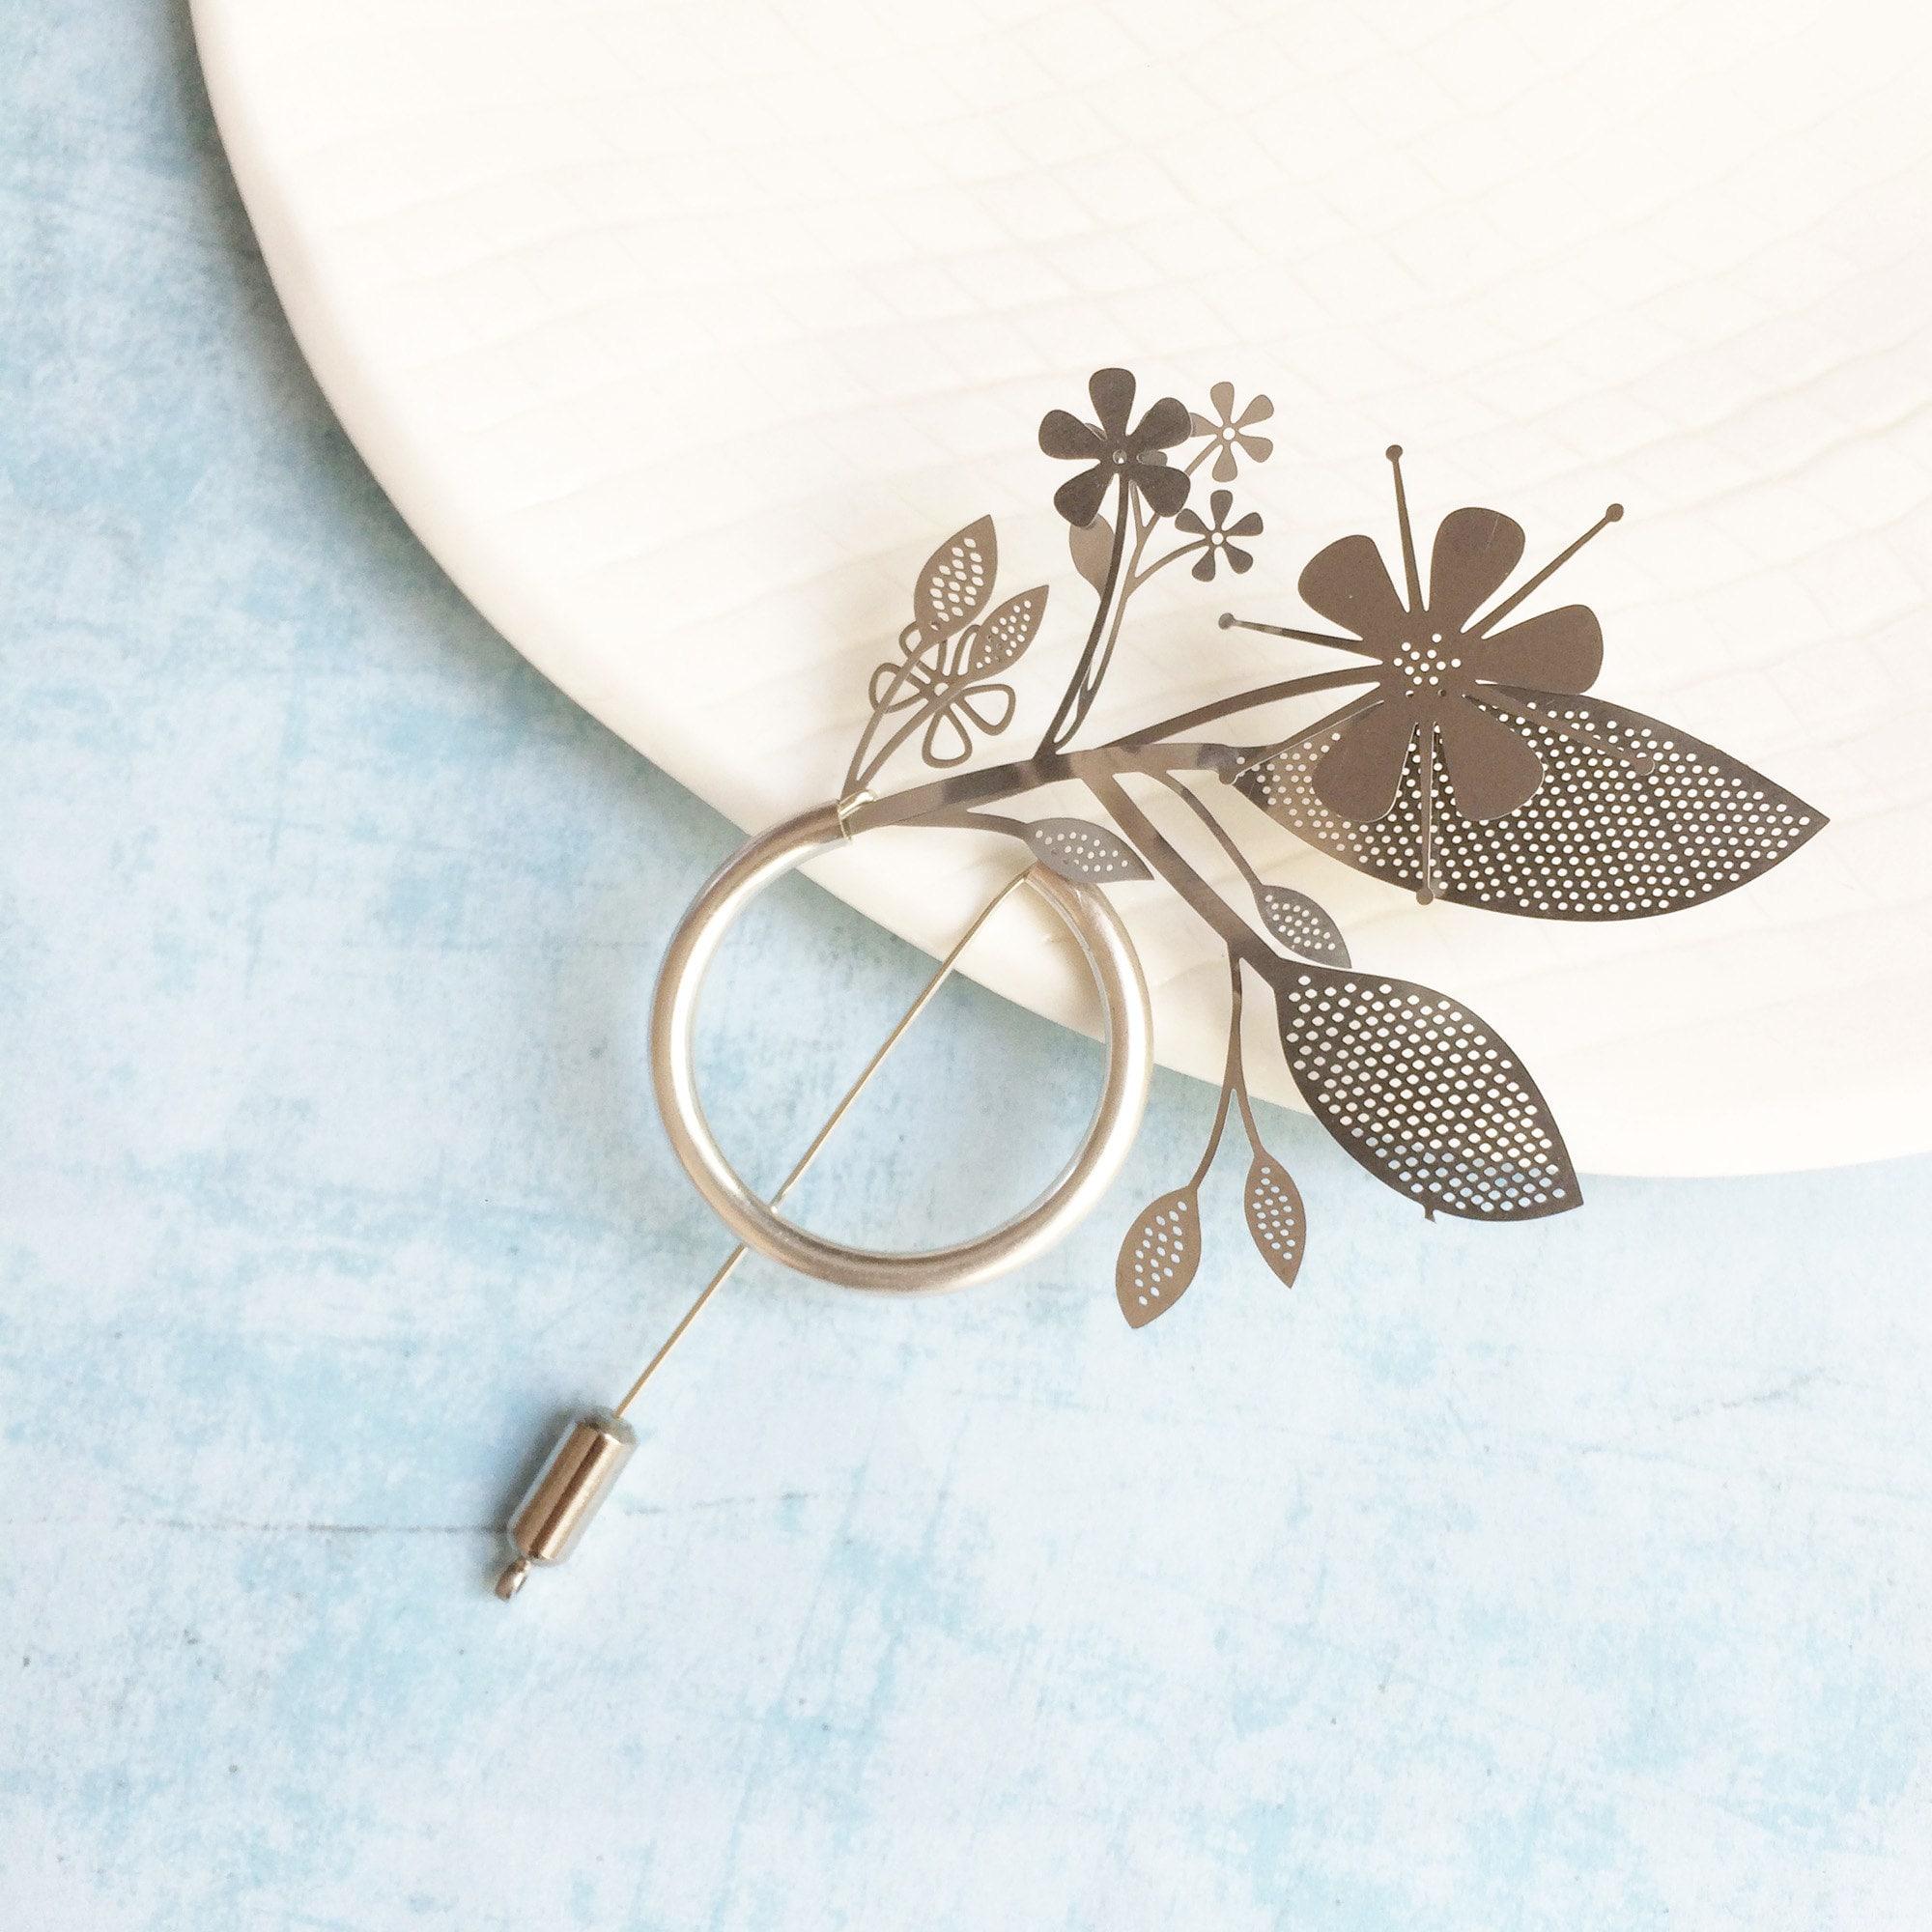 Floral steel brooch